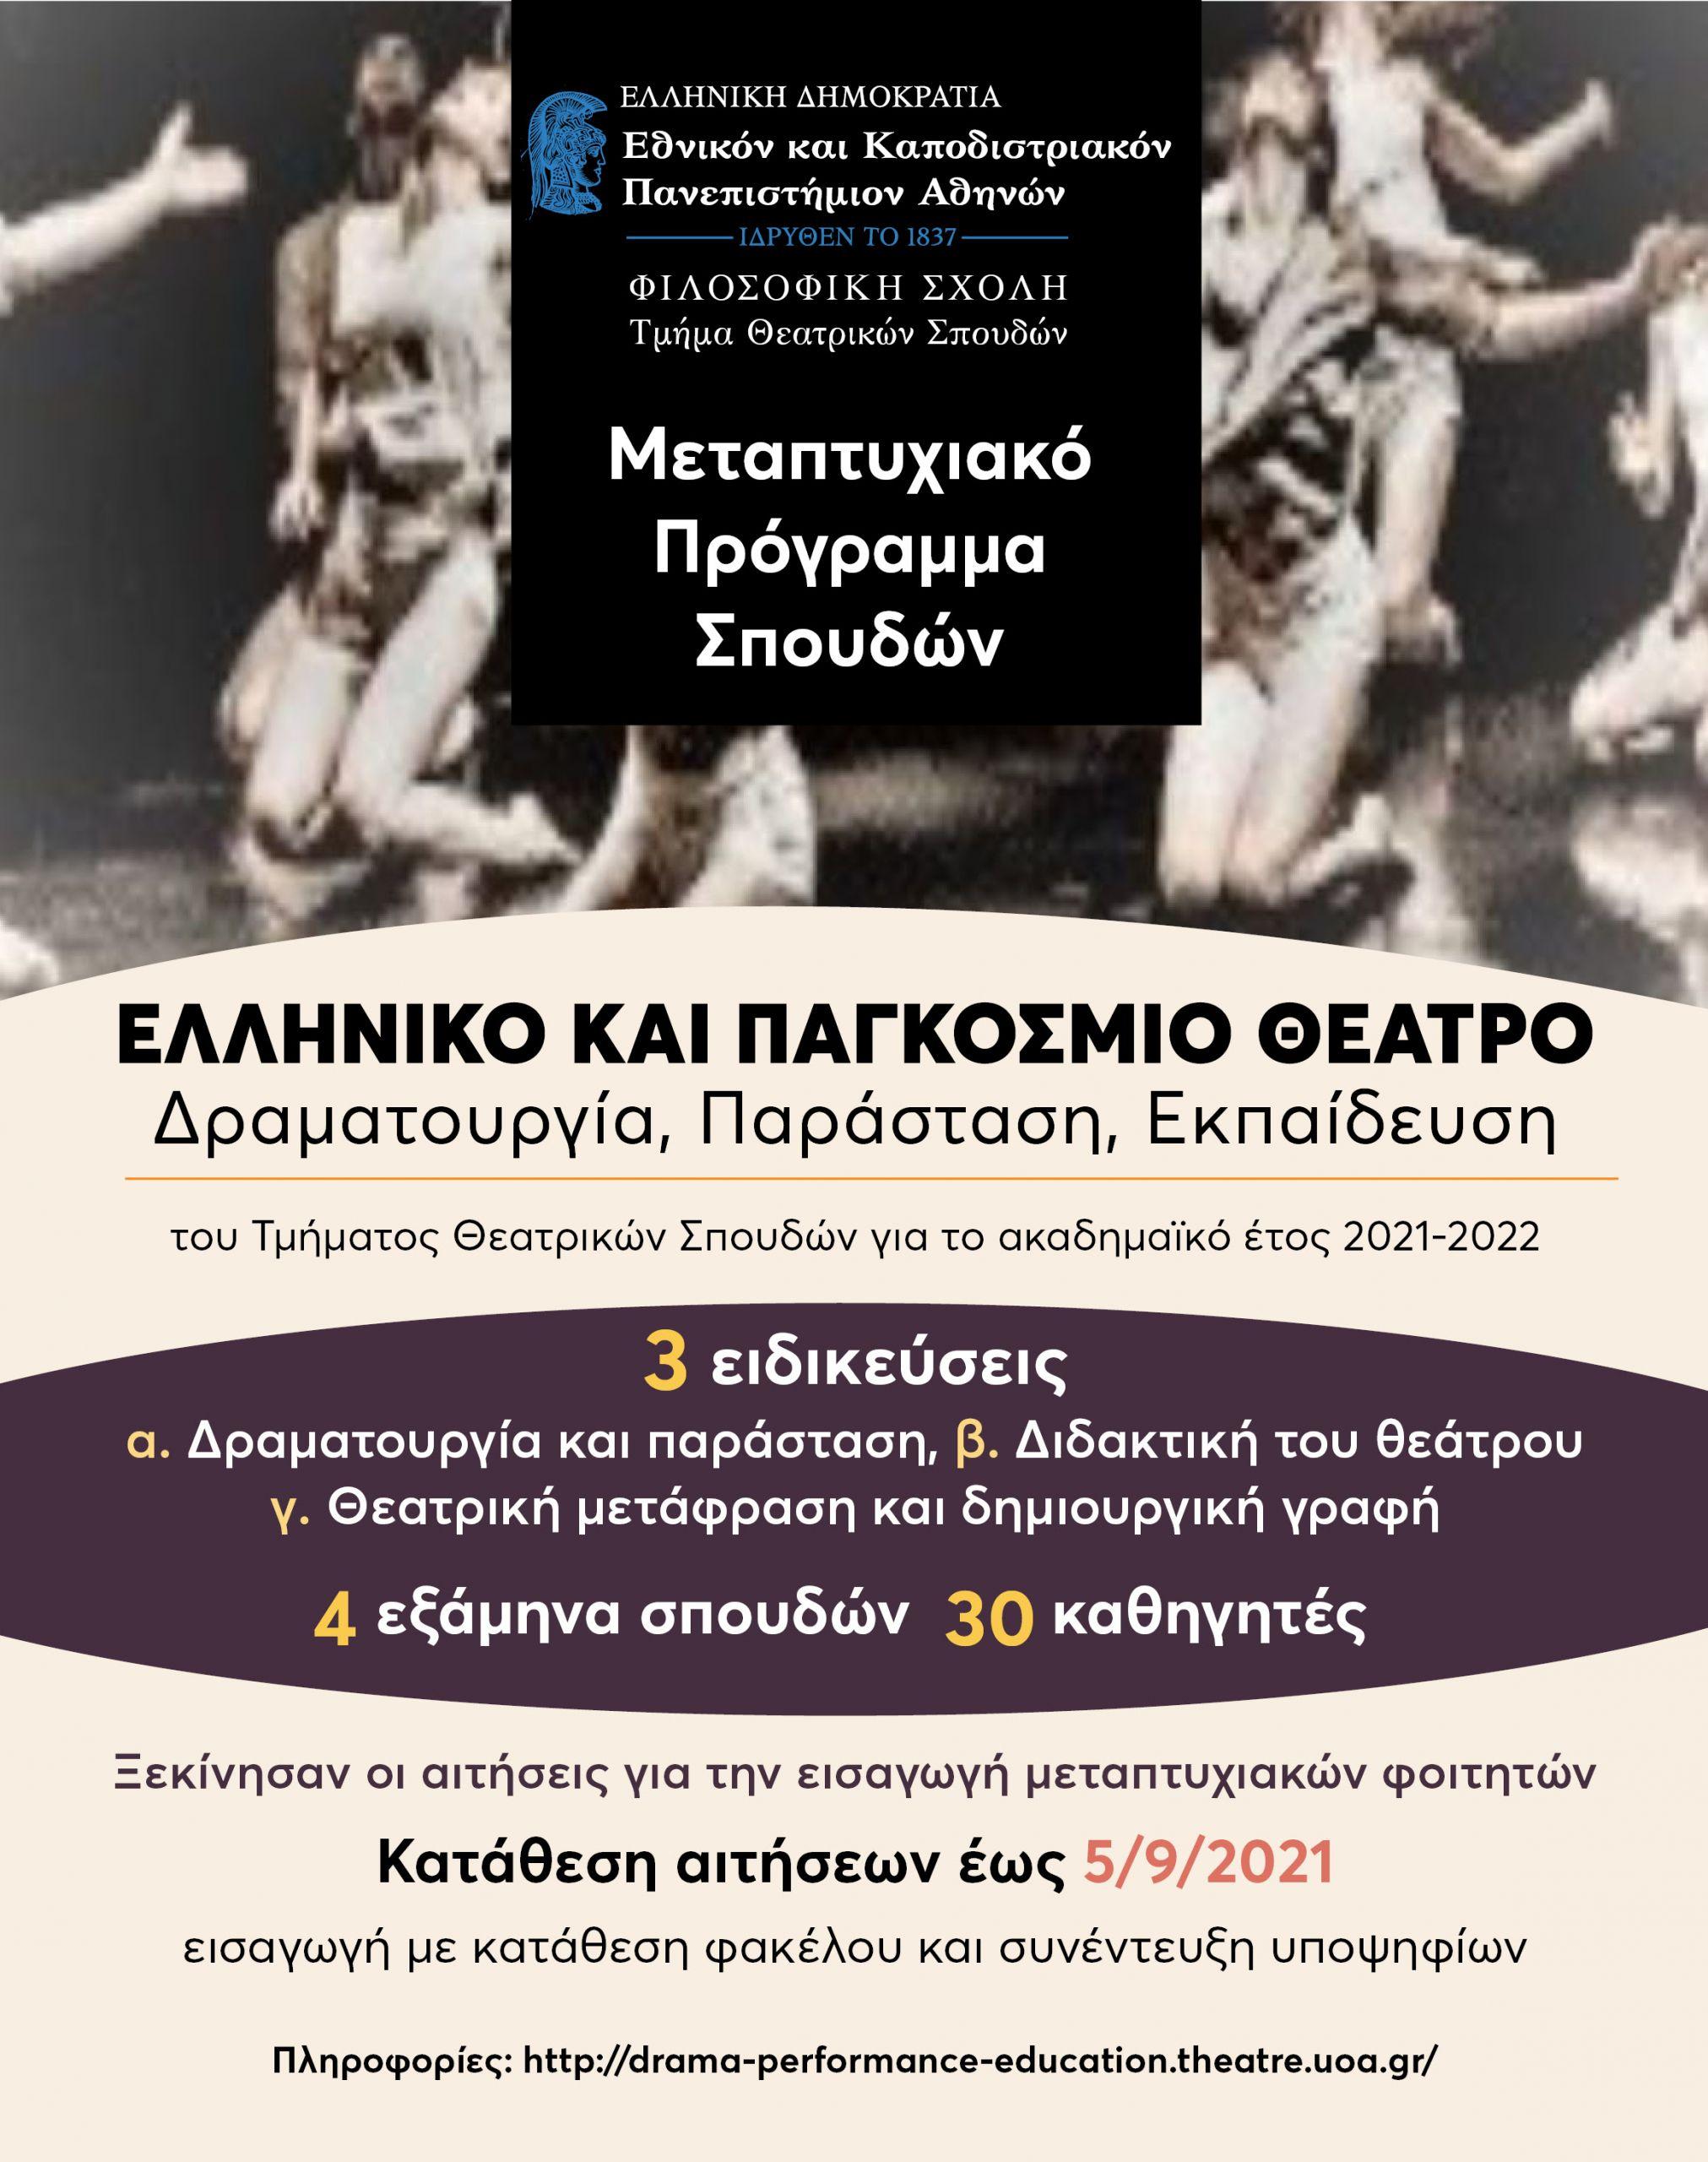 Μεταπτυχιακό Πανεπιστημίου Αθηνών